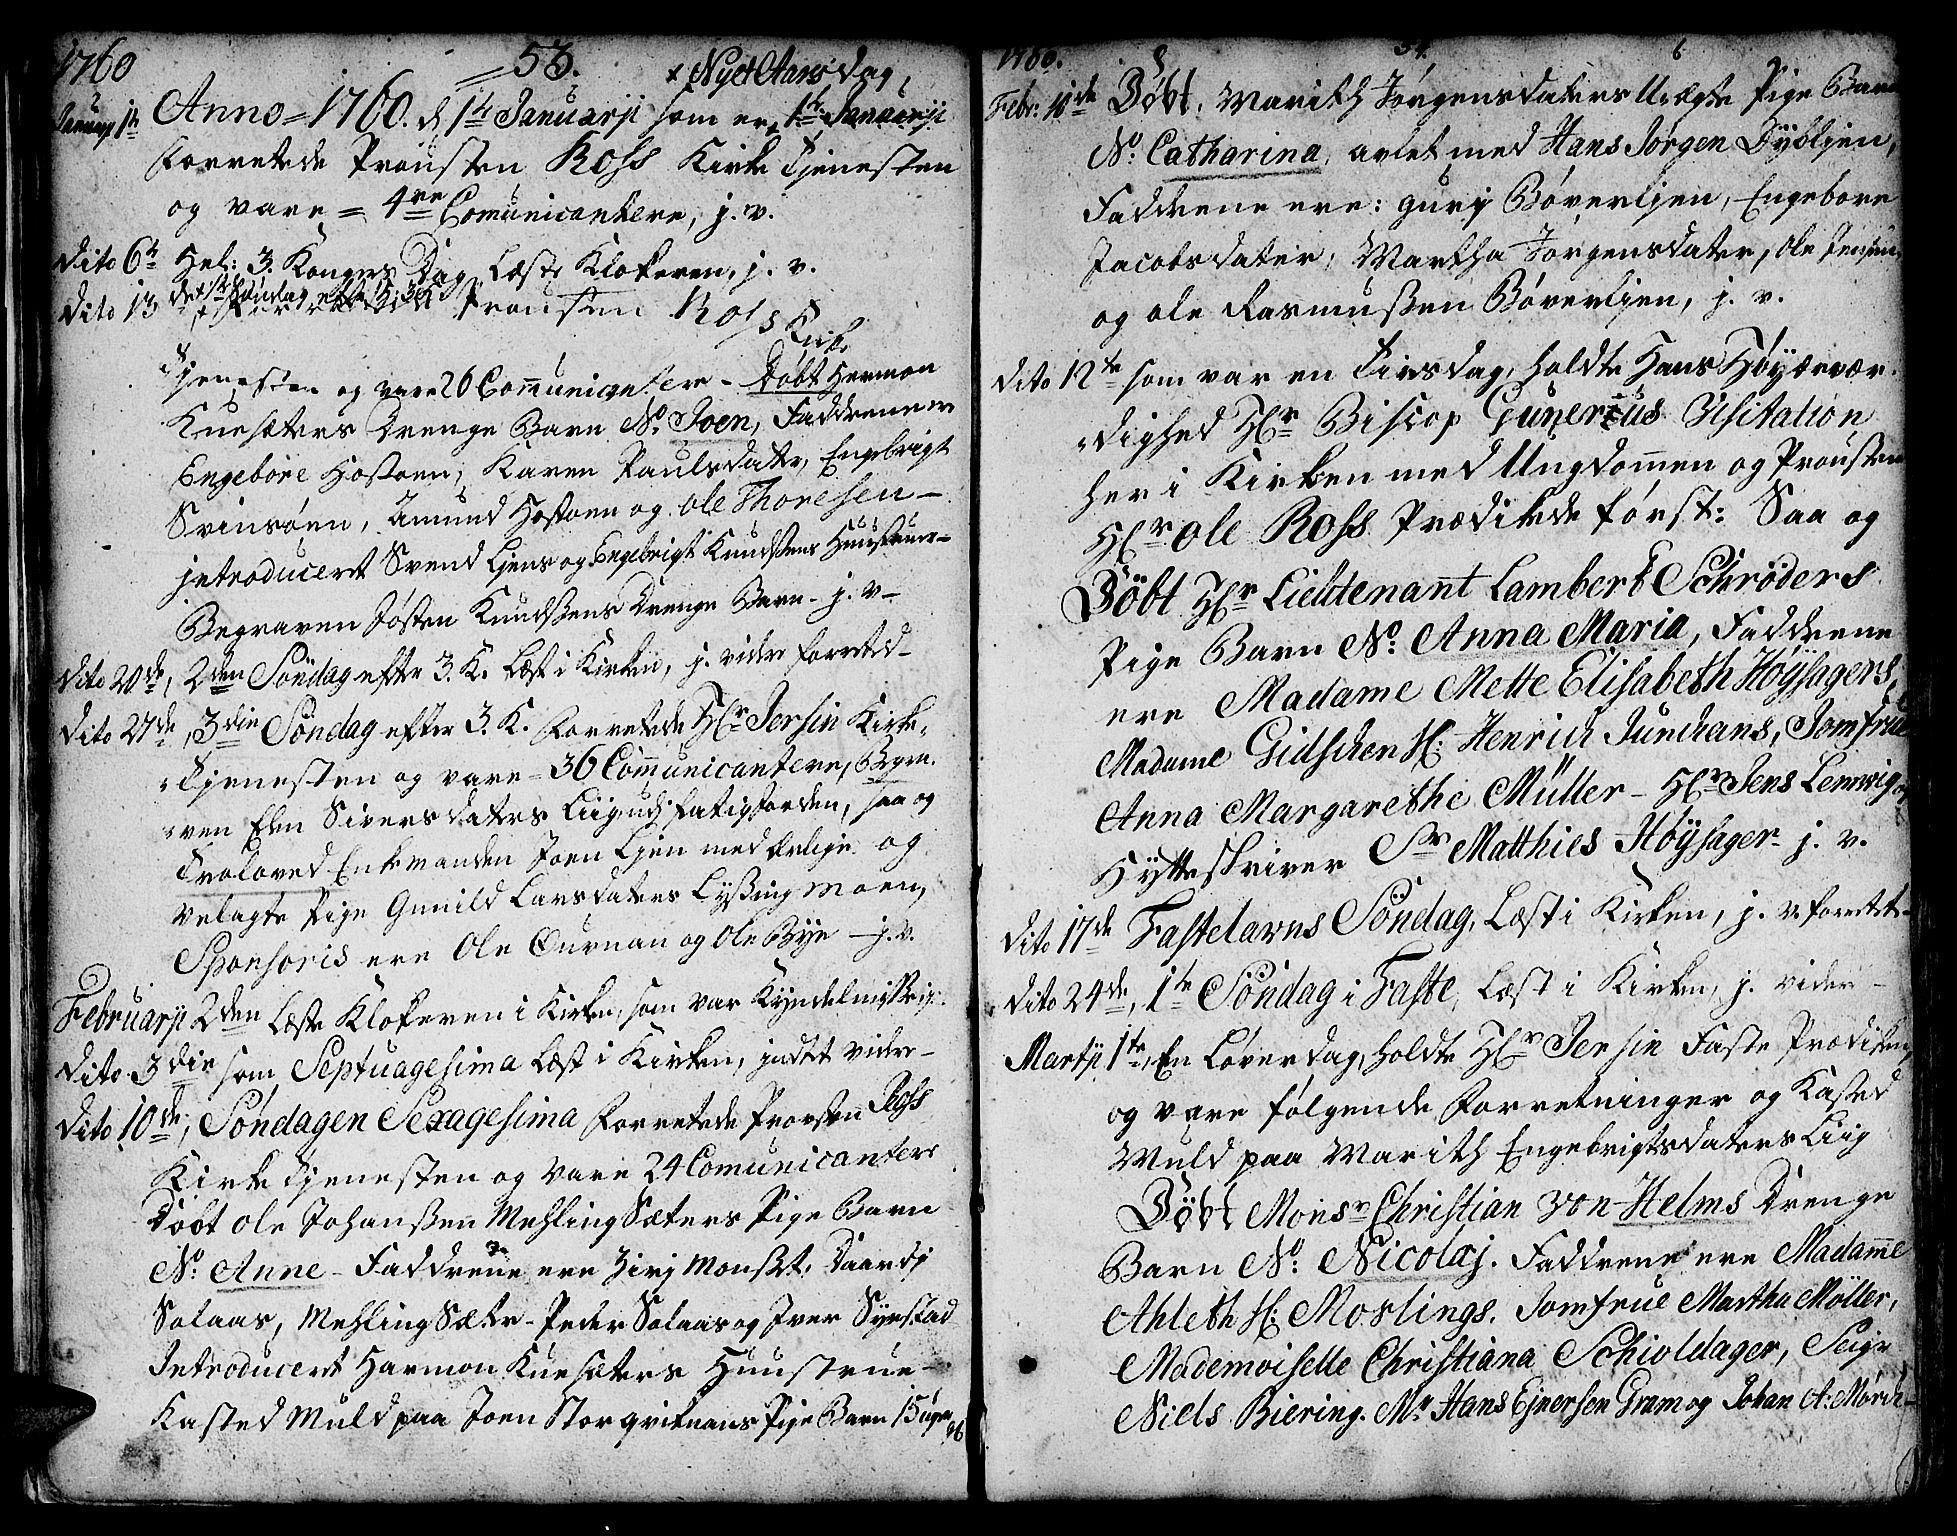 SAT, Ministerialprotokoller, klokkerbøker og fødselsregistre - Sør-Trøndelag, 671/L0840: Ministerialbok nr. 671A02, 1756-1794, s. 53-54